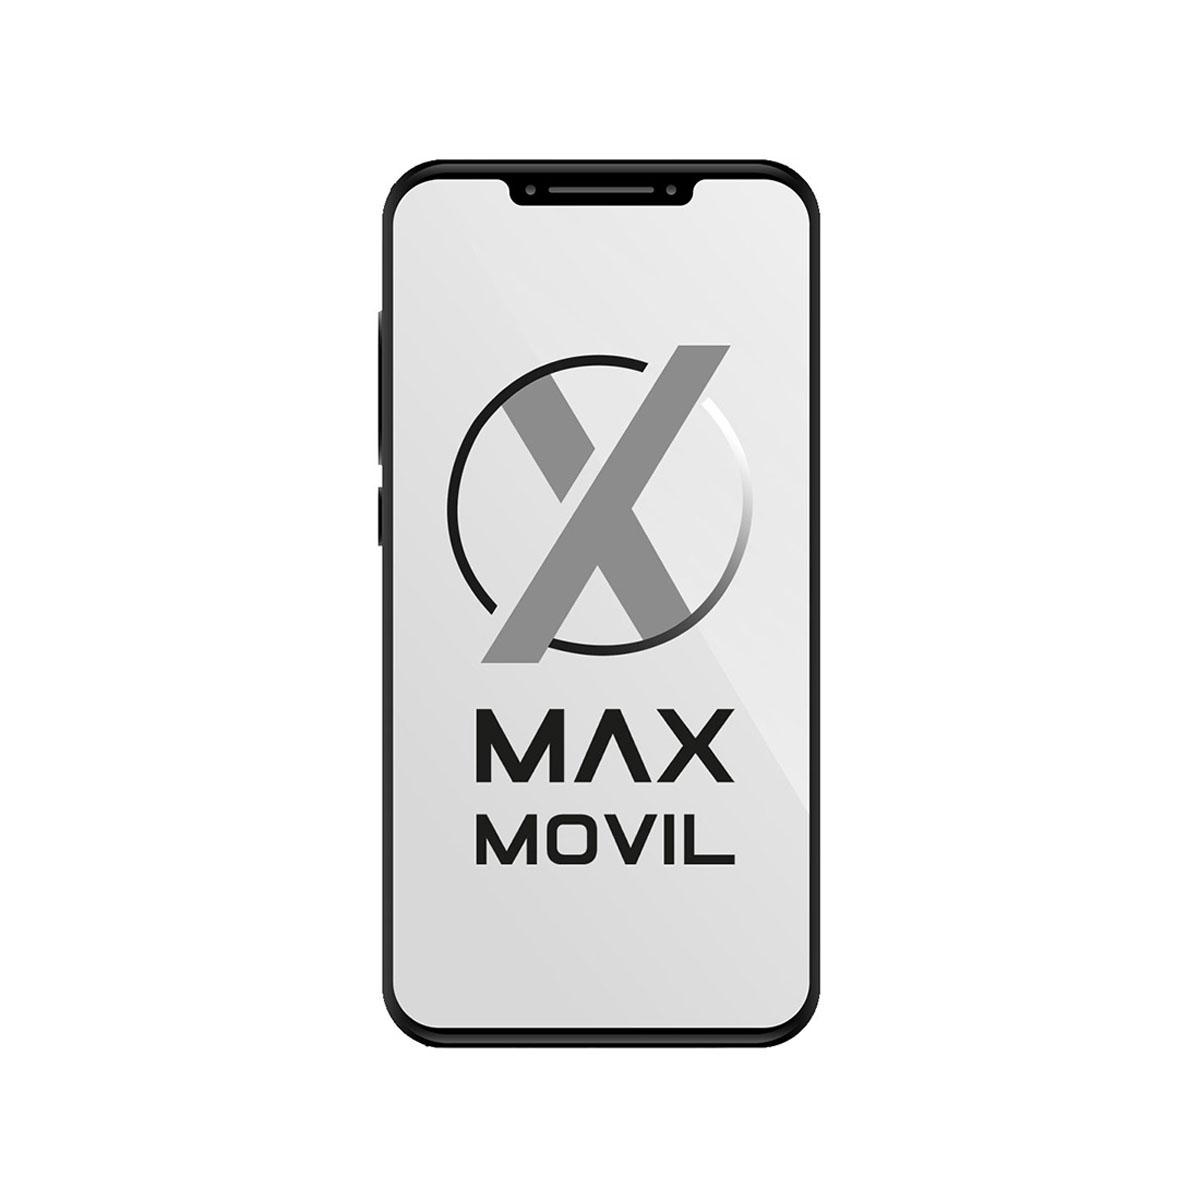 Samsung Galaxy J3 (2016) en MAXmovil al mejor precio